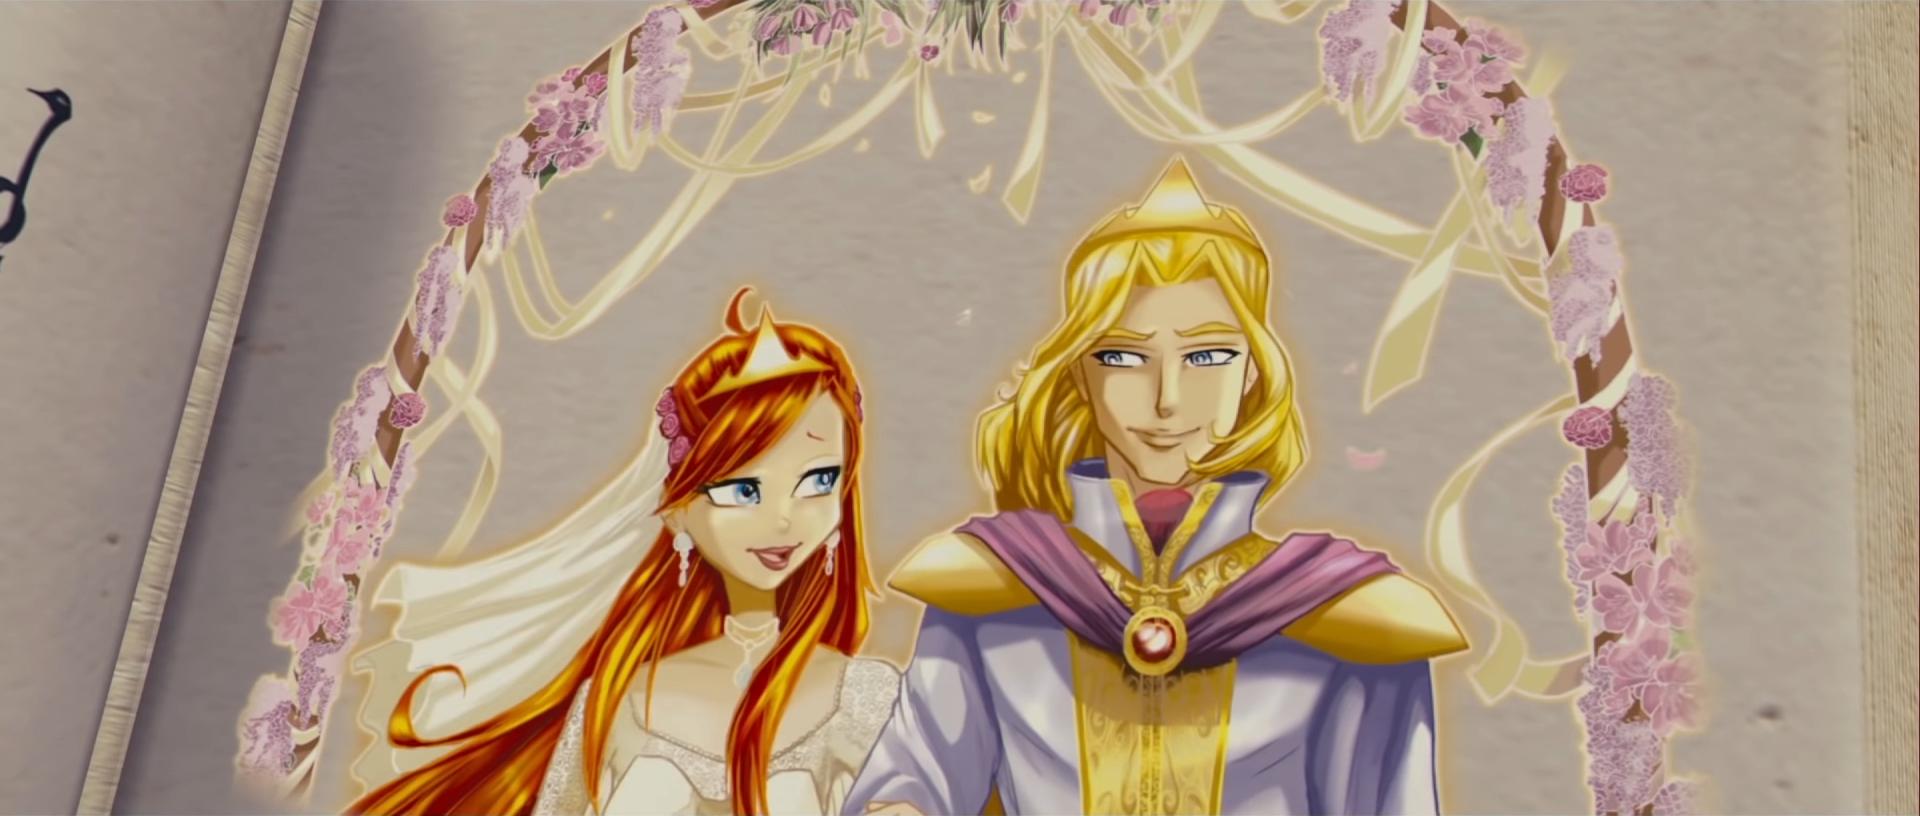 Blooms und Skys Hochzeit im Buch des Schicksals.png